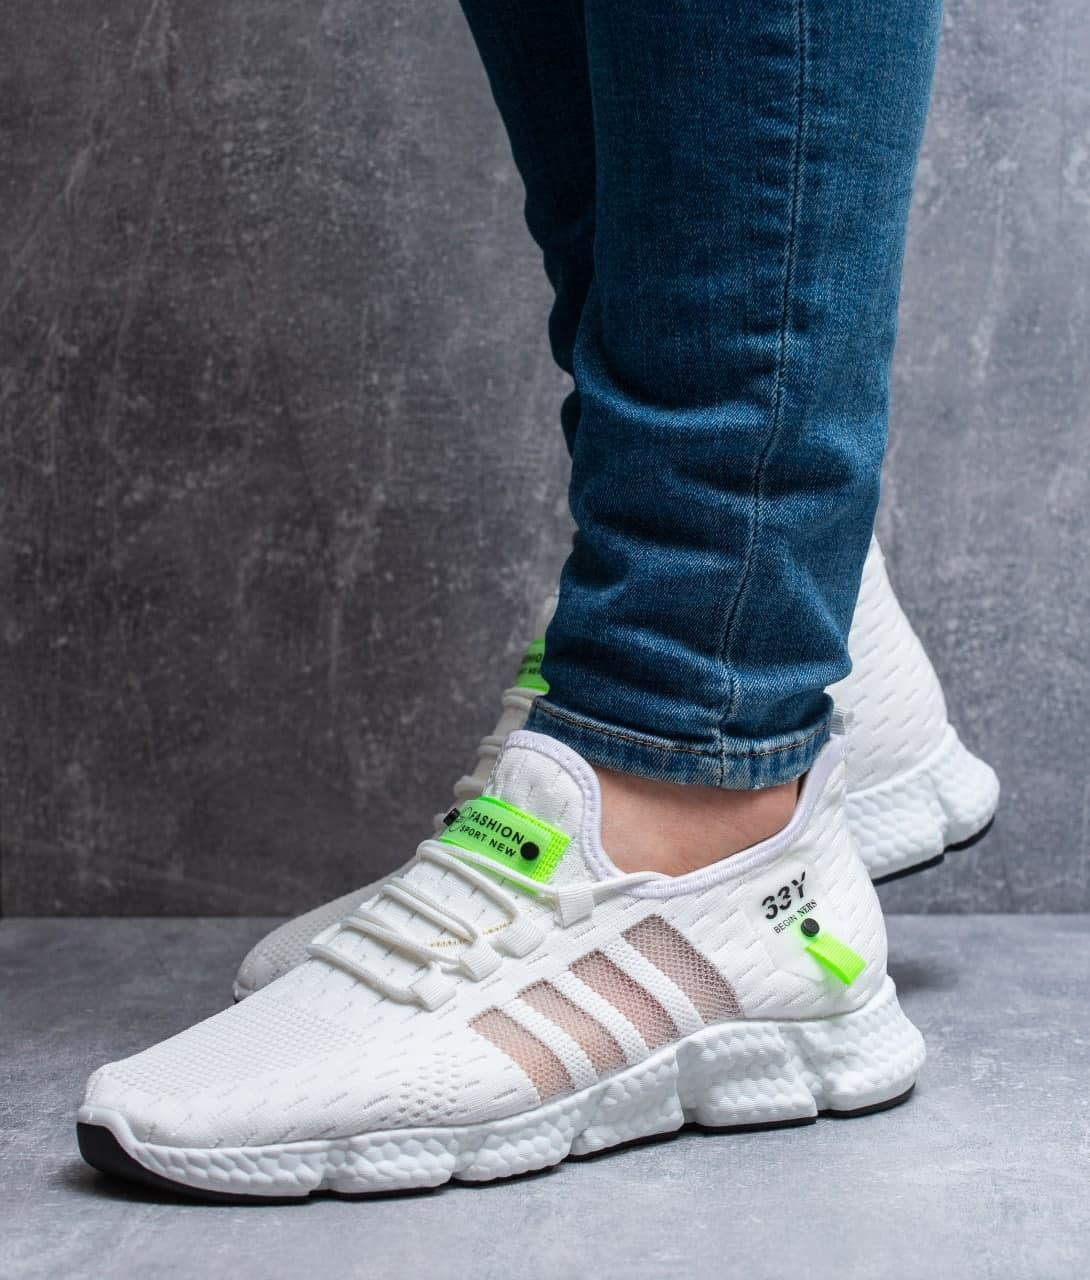 Чоловічі кросівки Fashion (білі) легкі текстильні кроси 0270